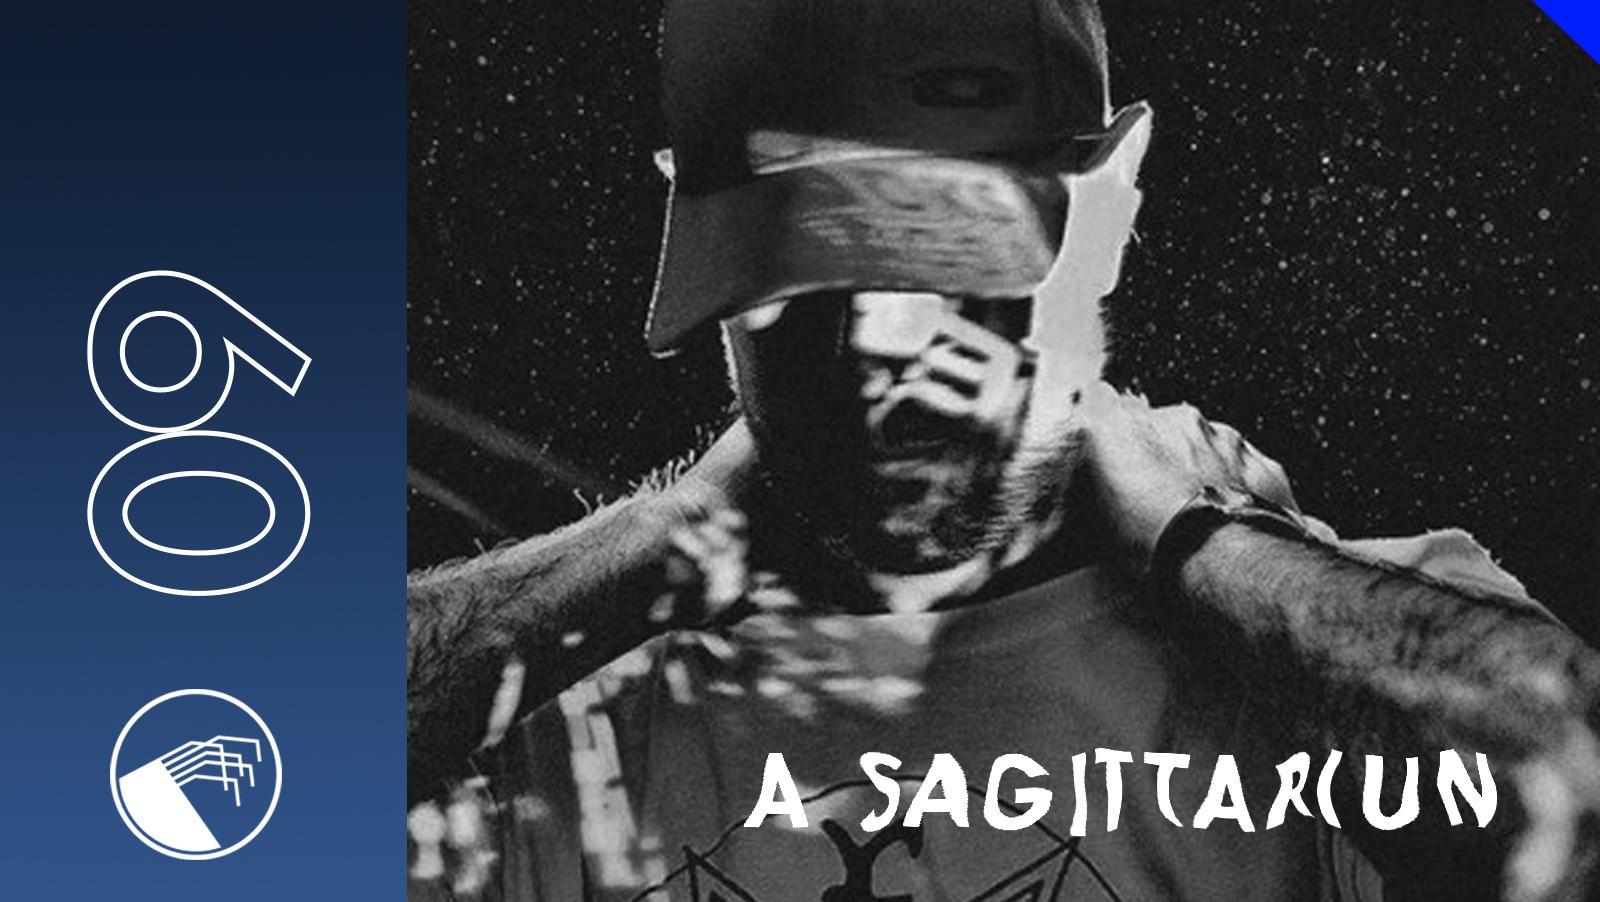 009 A Sagittariun